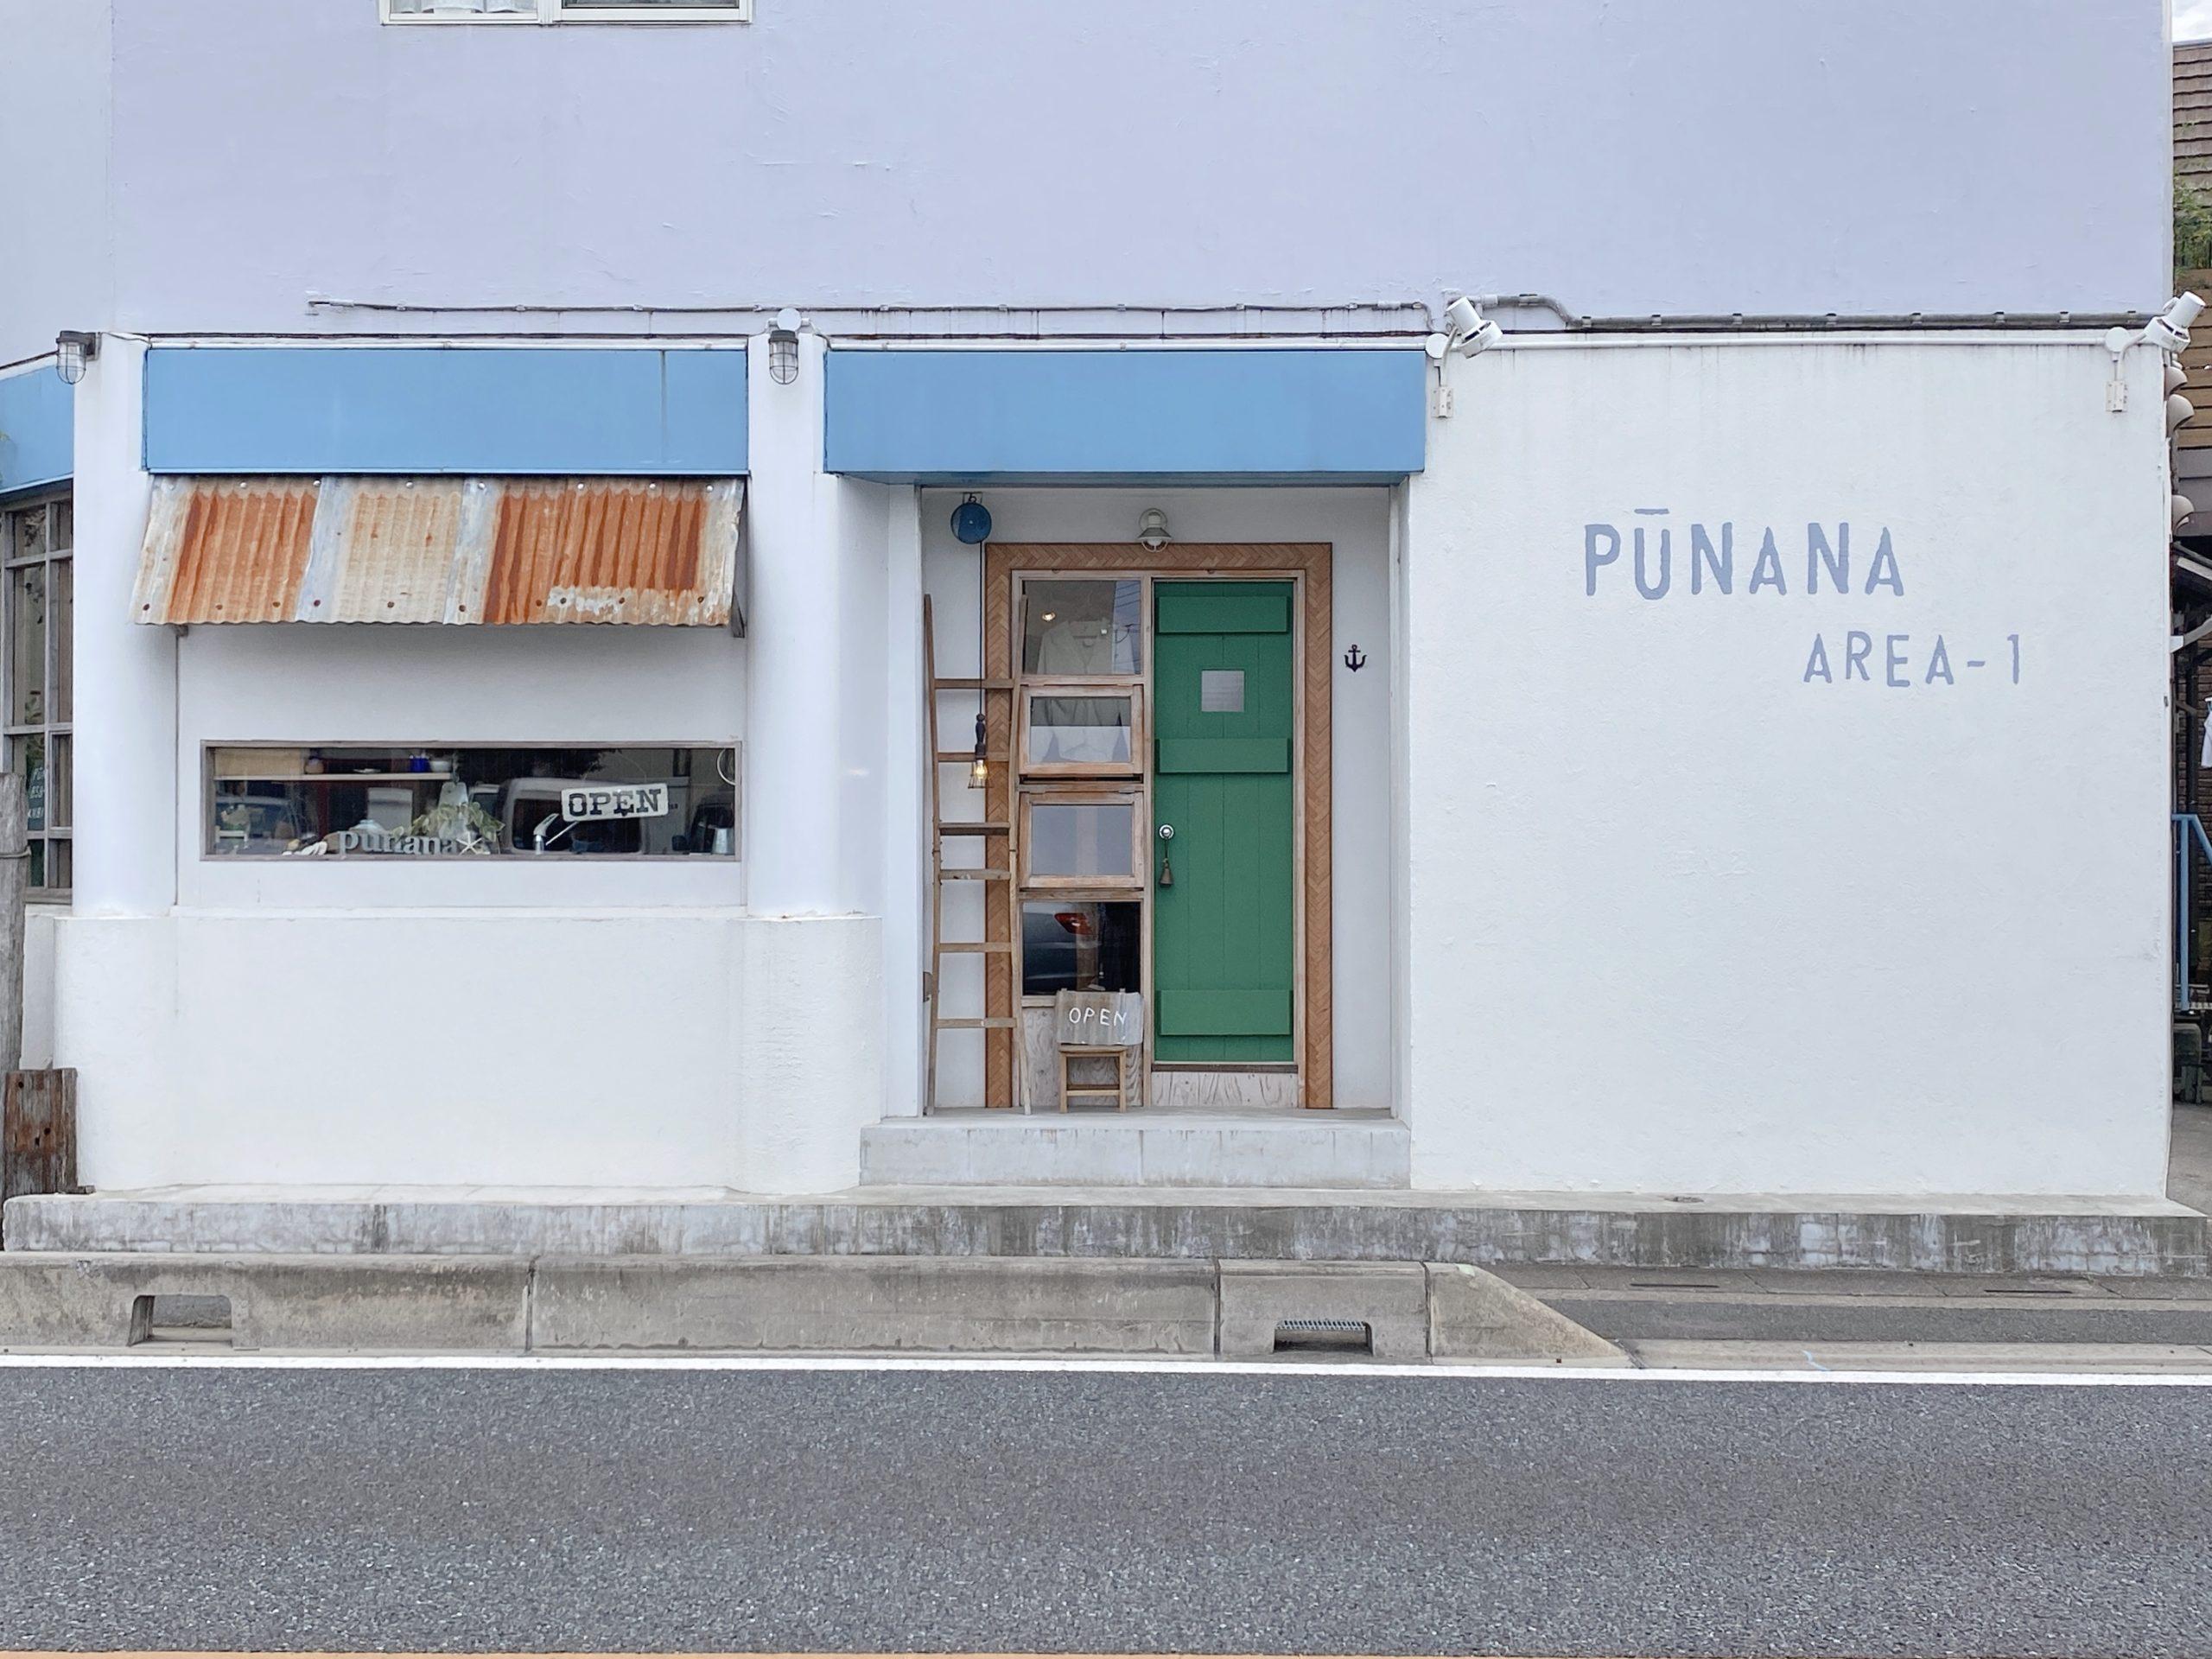 中央区八王子 美容室 PUNANA AREA-1(プーナナ・エリア-ワン)